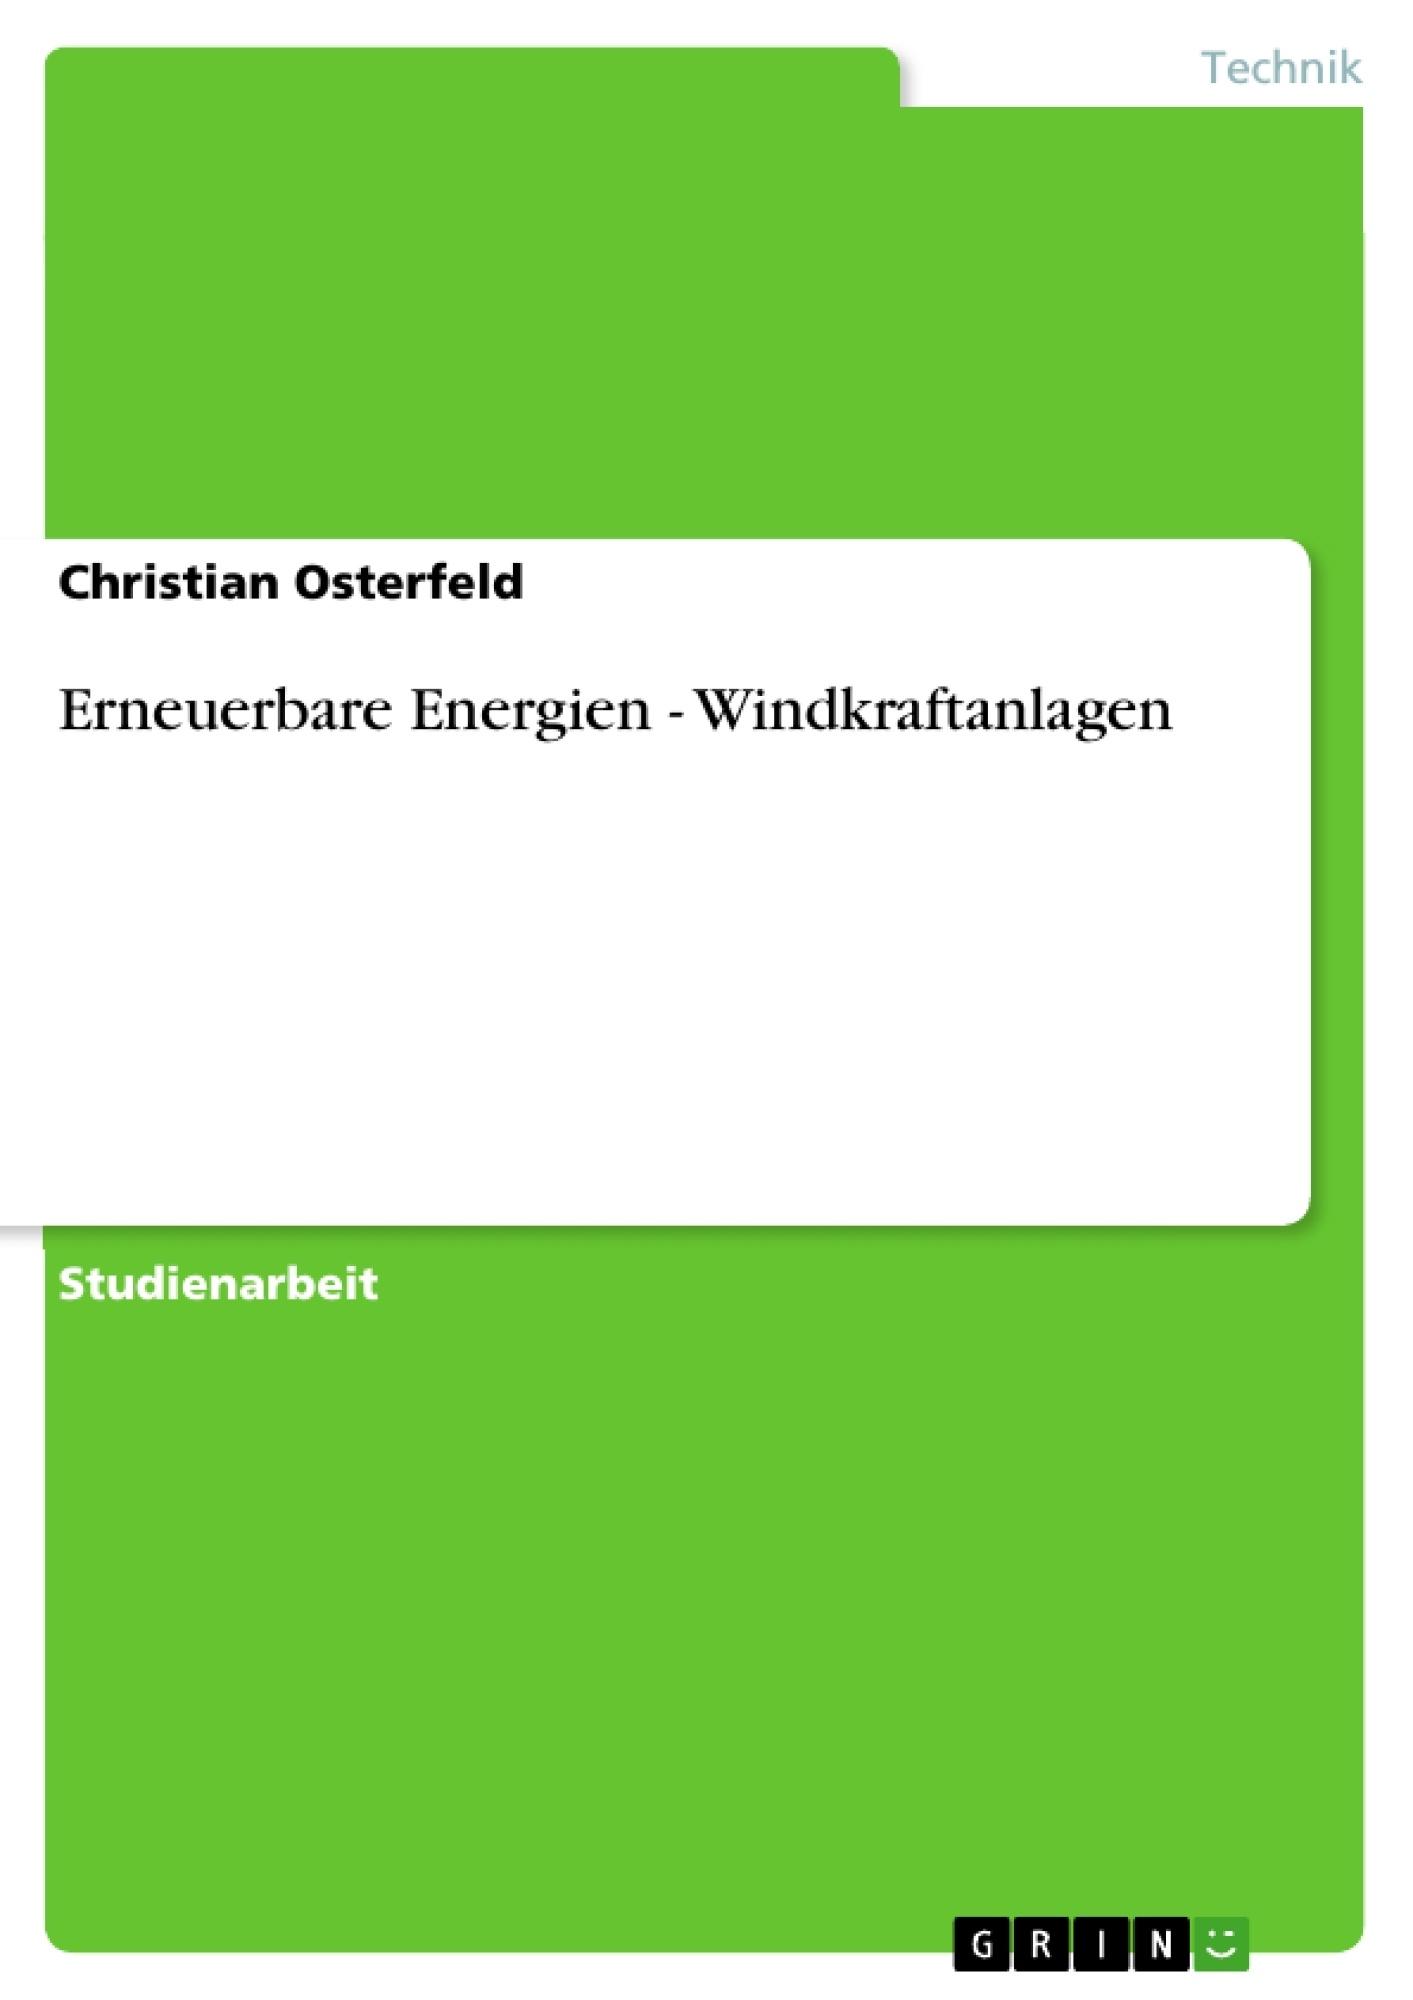 Titel: Erneuerbare Energien - Windkraftanlagen